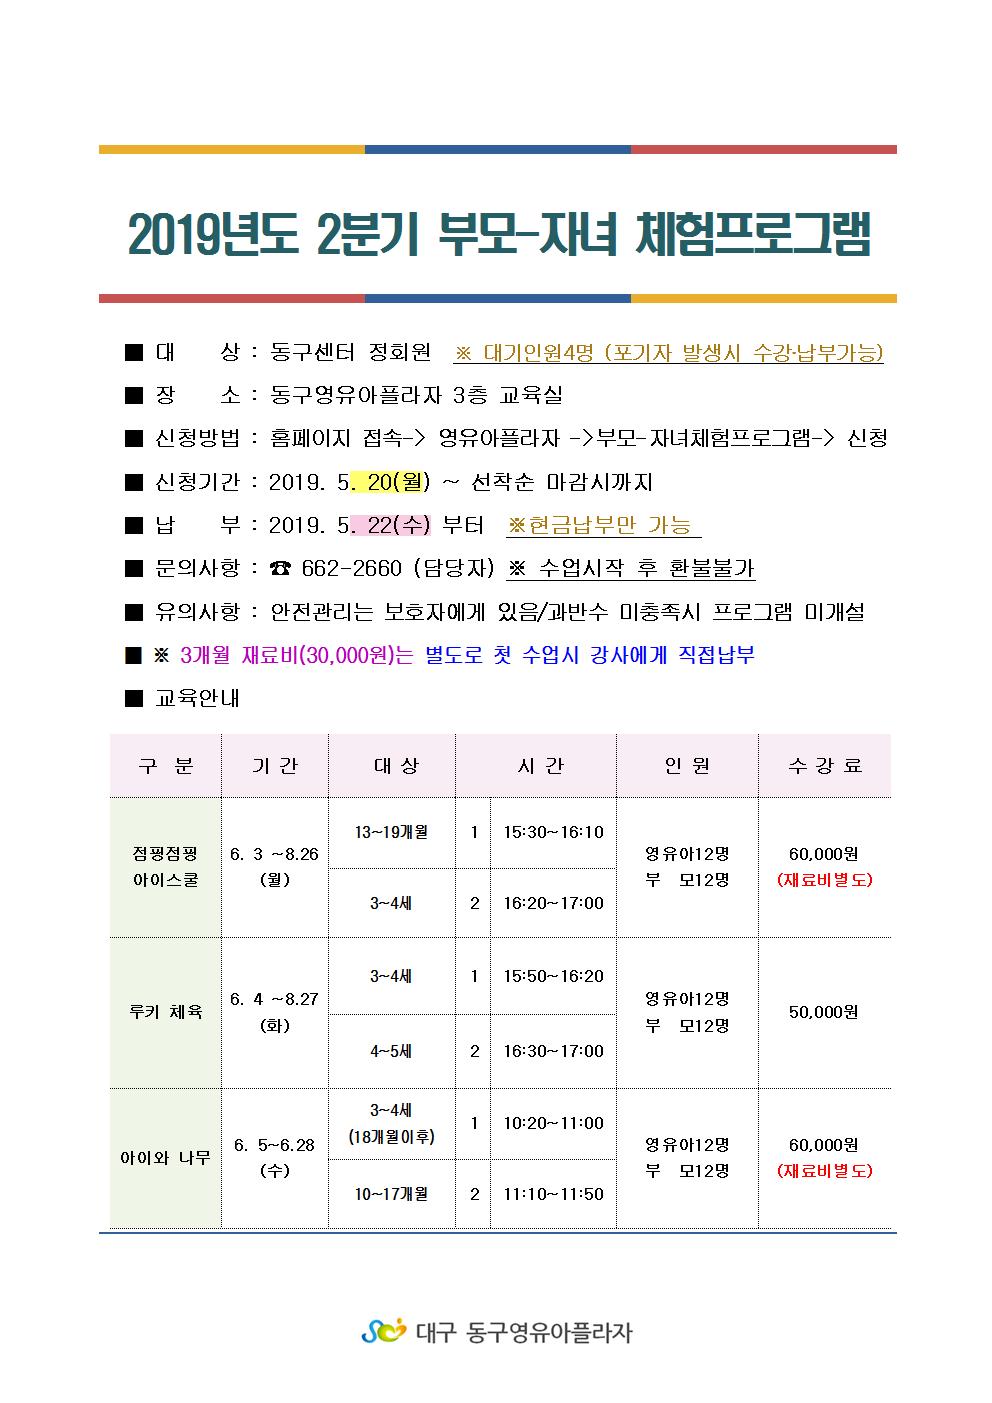 안내문) 2019년 2분기 부모자녀체험프로그램_영플001.png